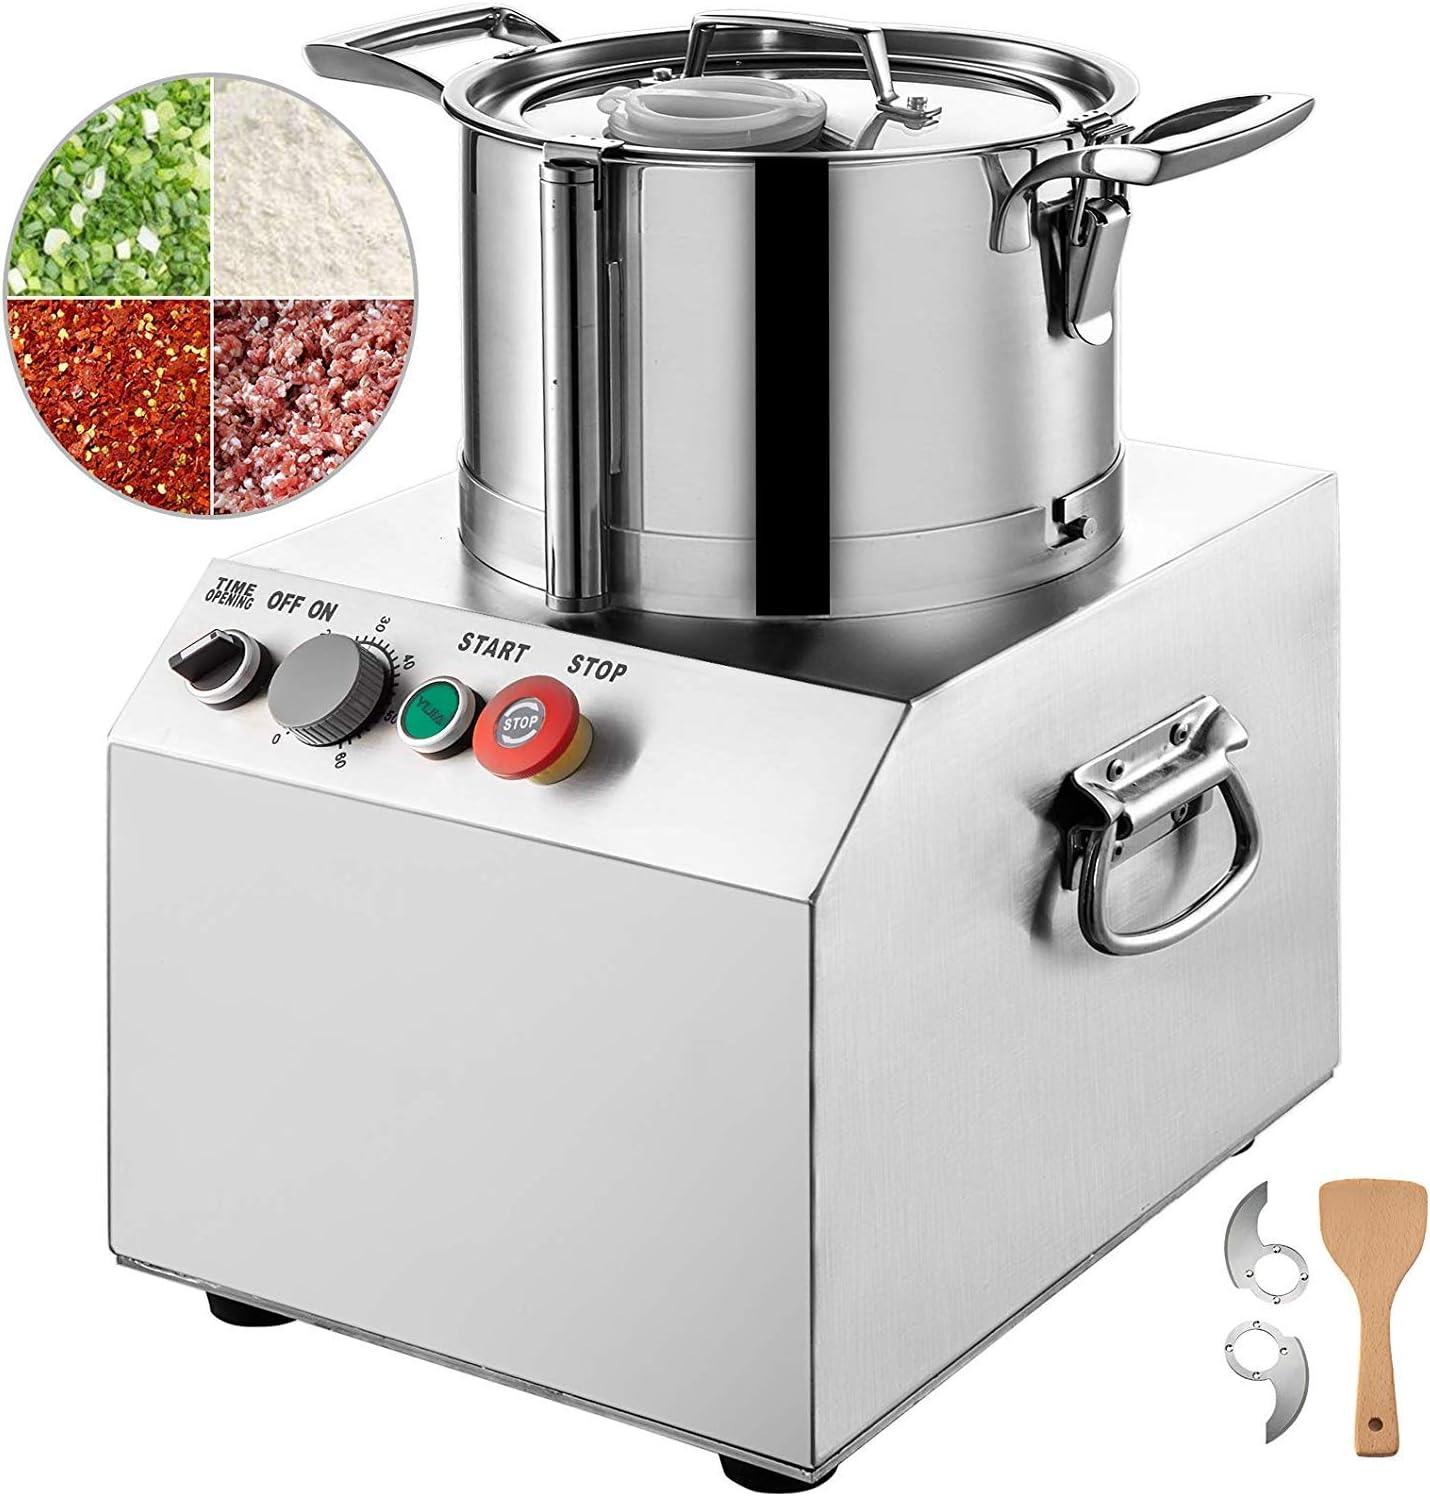 GIOEVO 750 W Robot de cocina profesional Blender 6 L Robot de cocina eléctrico freidora de cocina 220 V Procesador de acero inoxidable perfecto para frutas y verduras granos: Amazon.es: Hogar